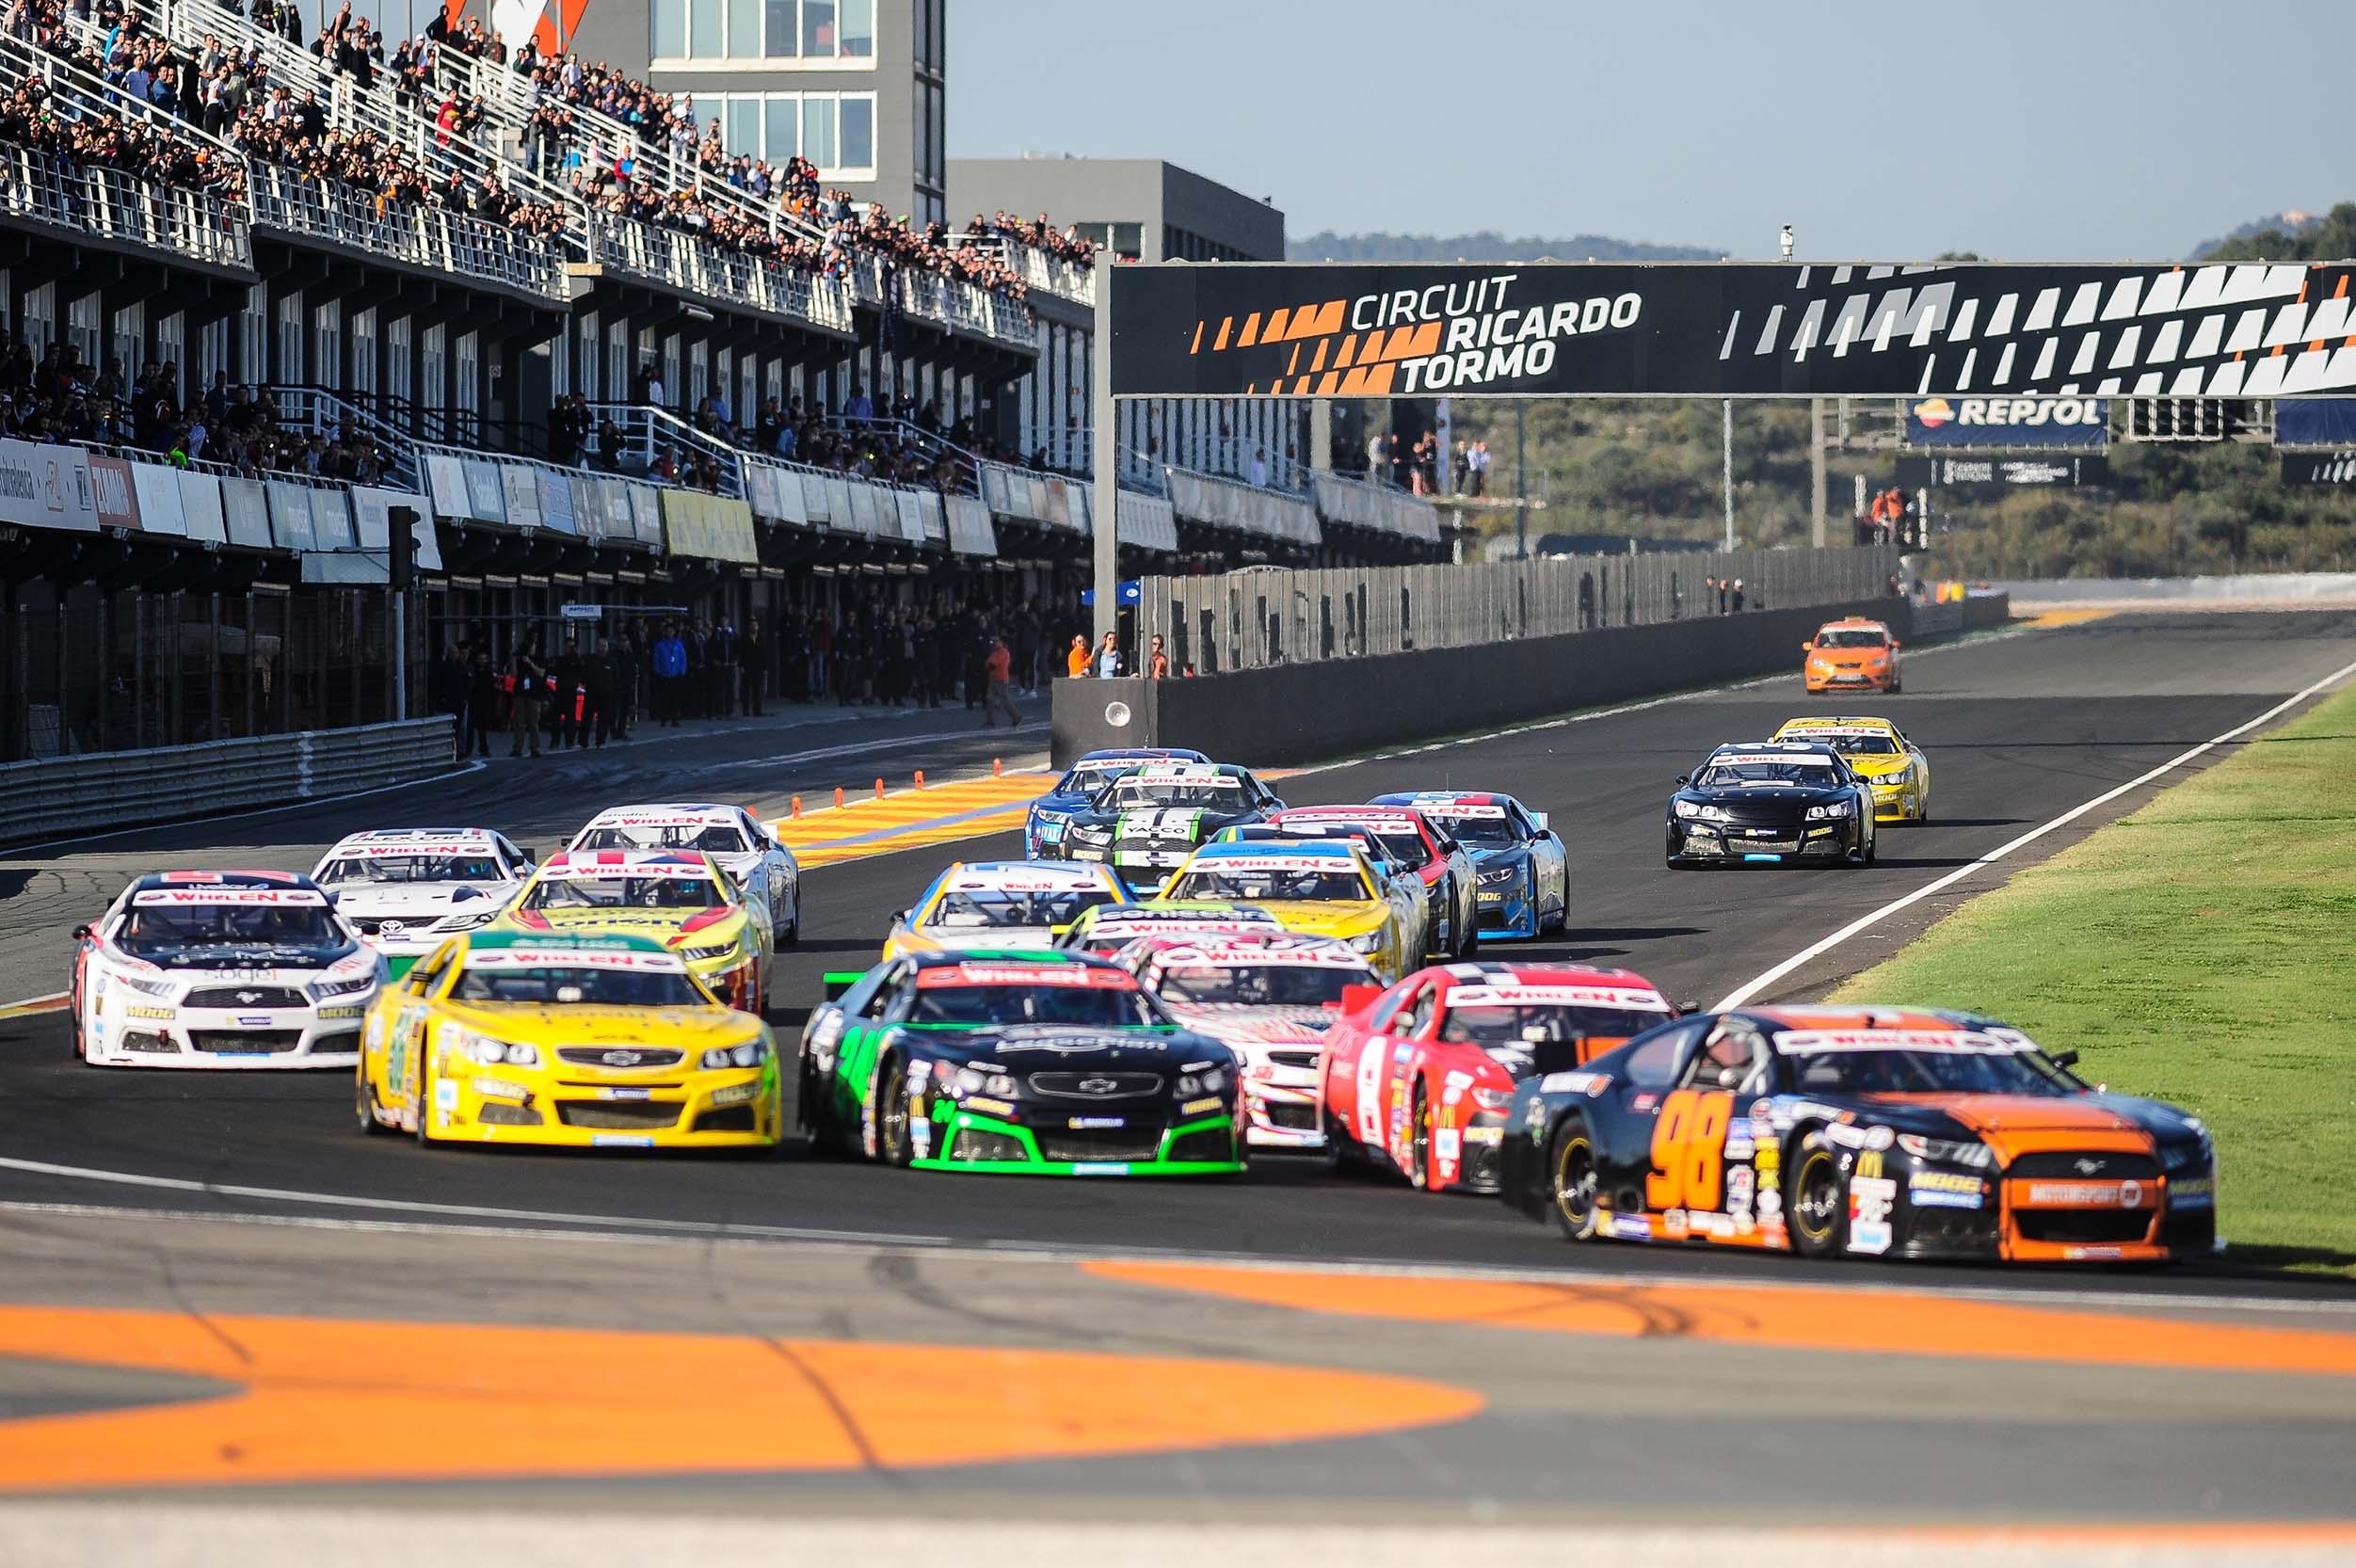 El Circuit Ricardo Tormo obrirà la quarta temporada del Nascar Whelen Euro Series 2018.